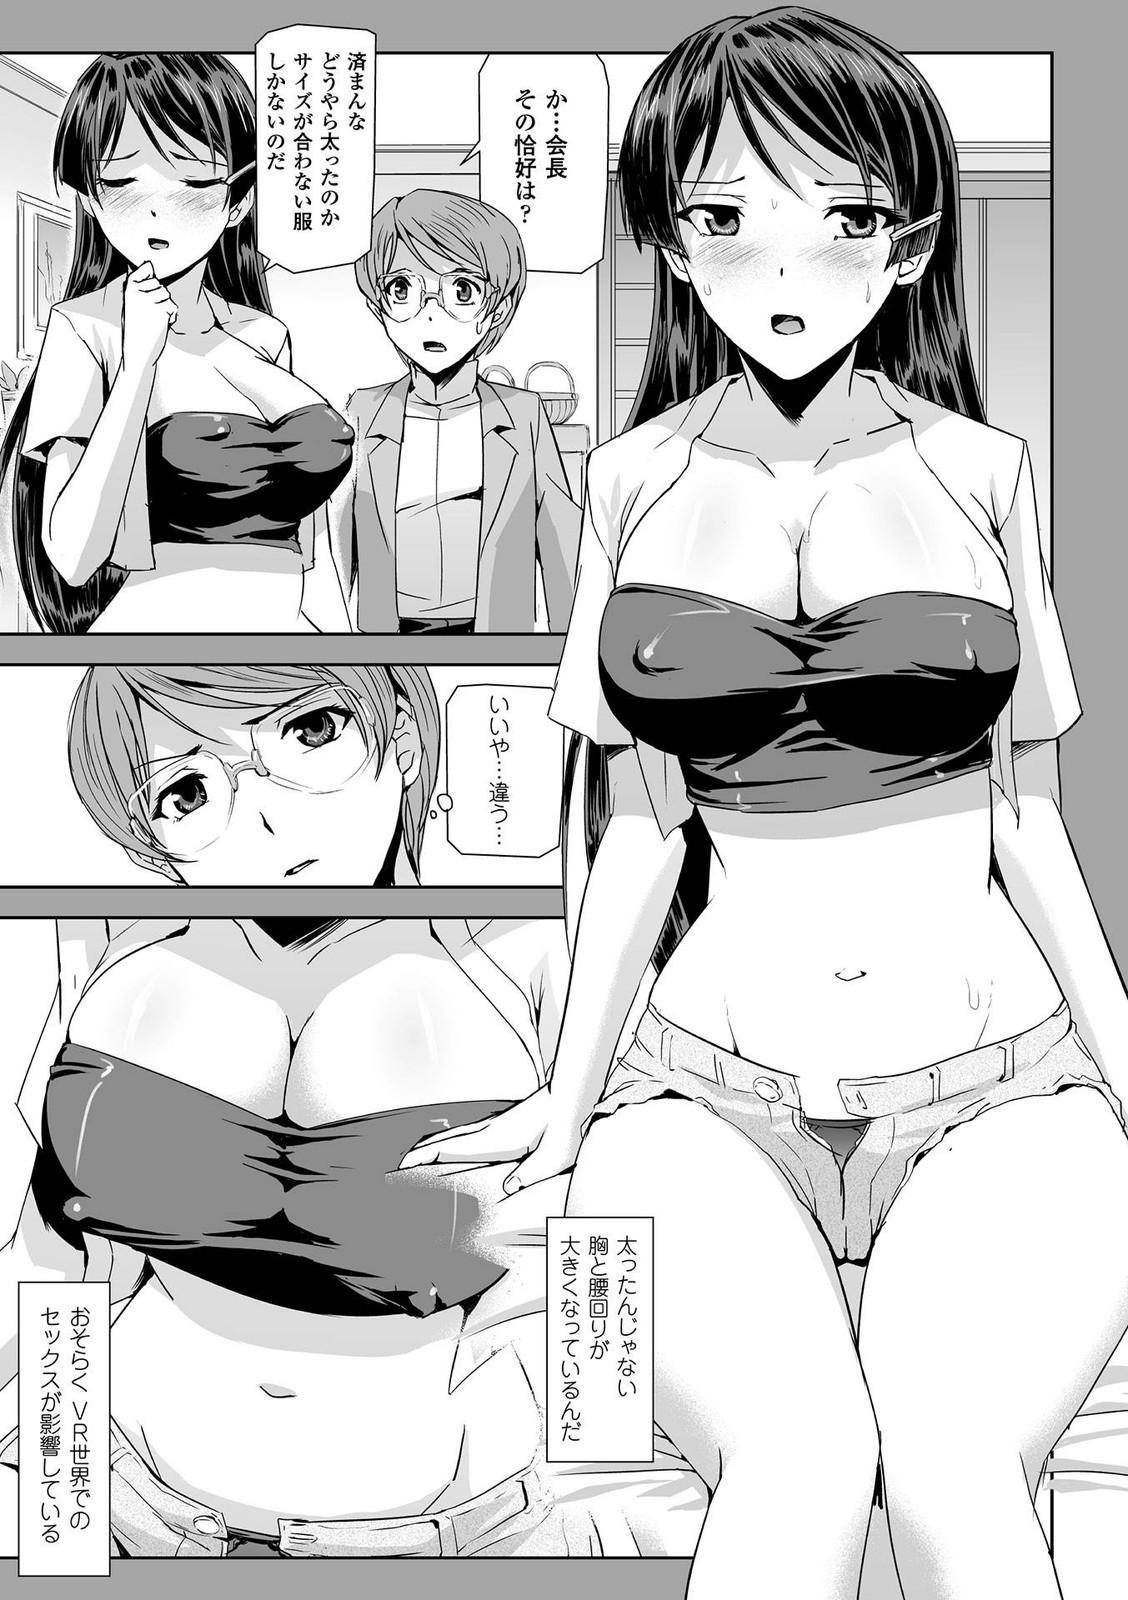 【エロ漫画】巨乳処女が裏切りに遭い醜い化け物と異種姦レイプで処女喪失www